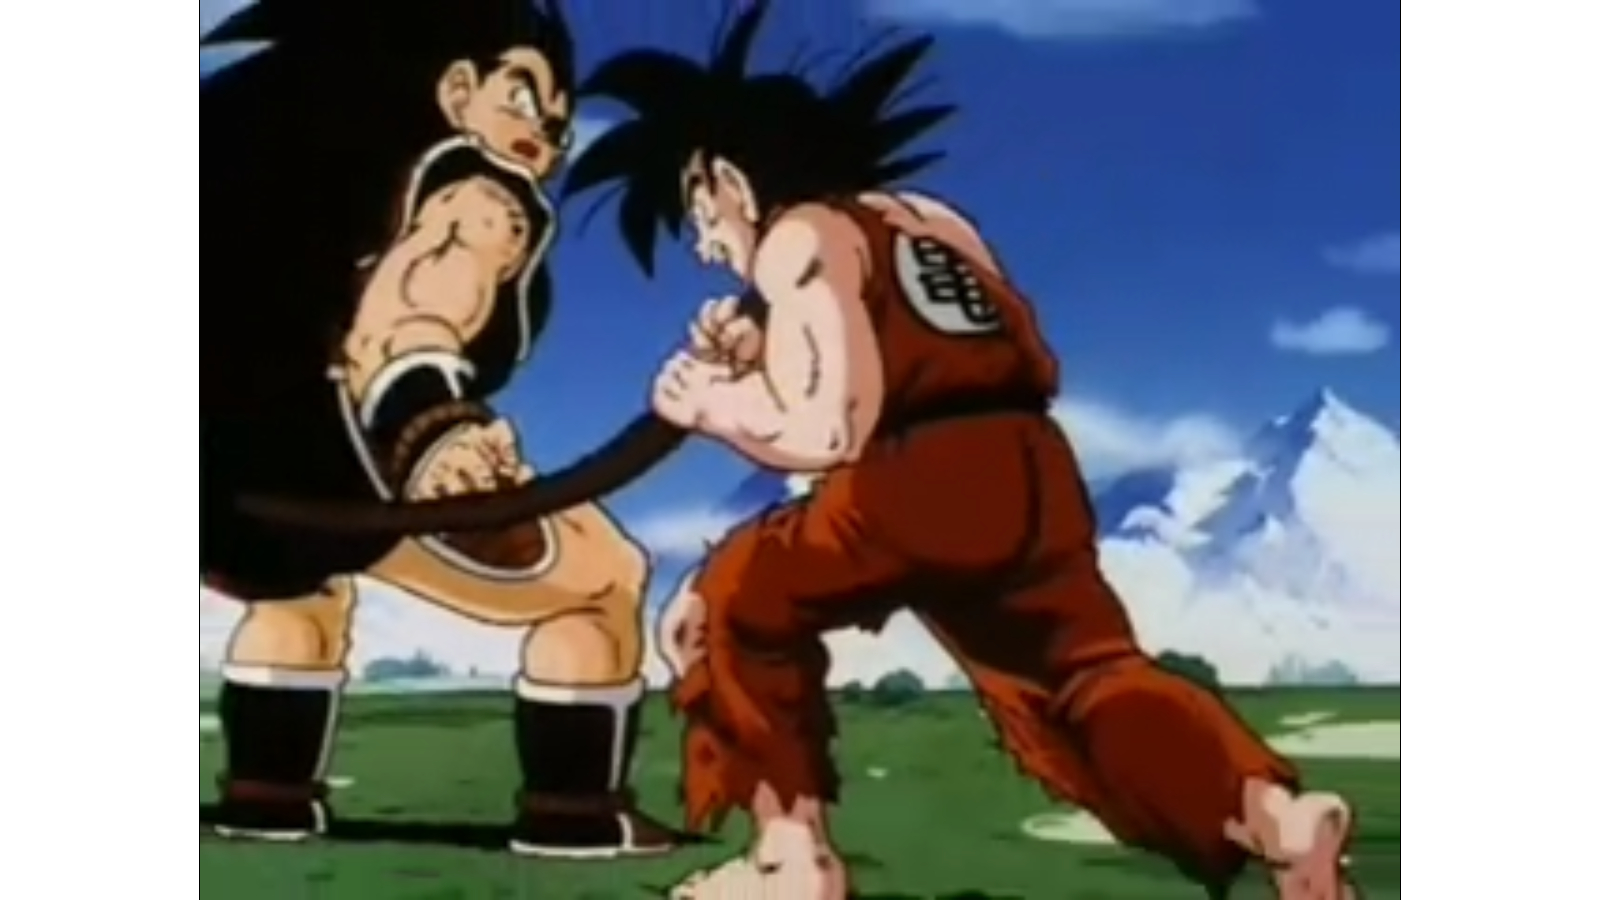 Dragon Ball Z Raditz and Goku